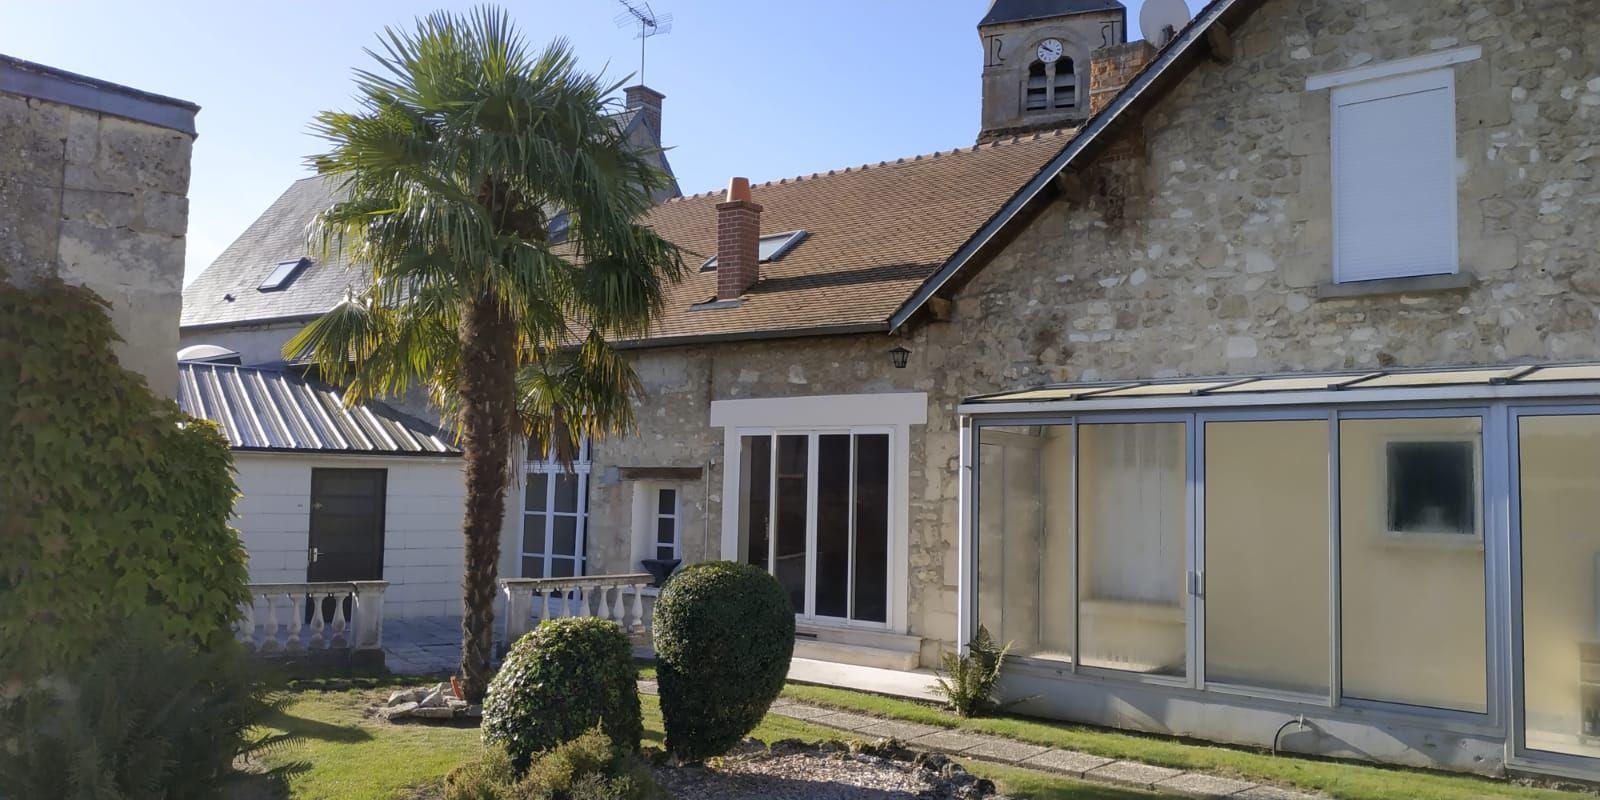 Rénovation intérieure d'une maison à Reims